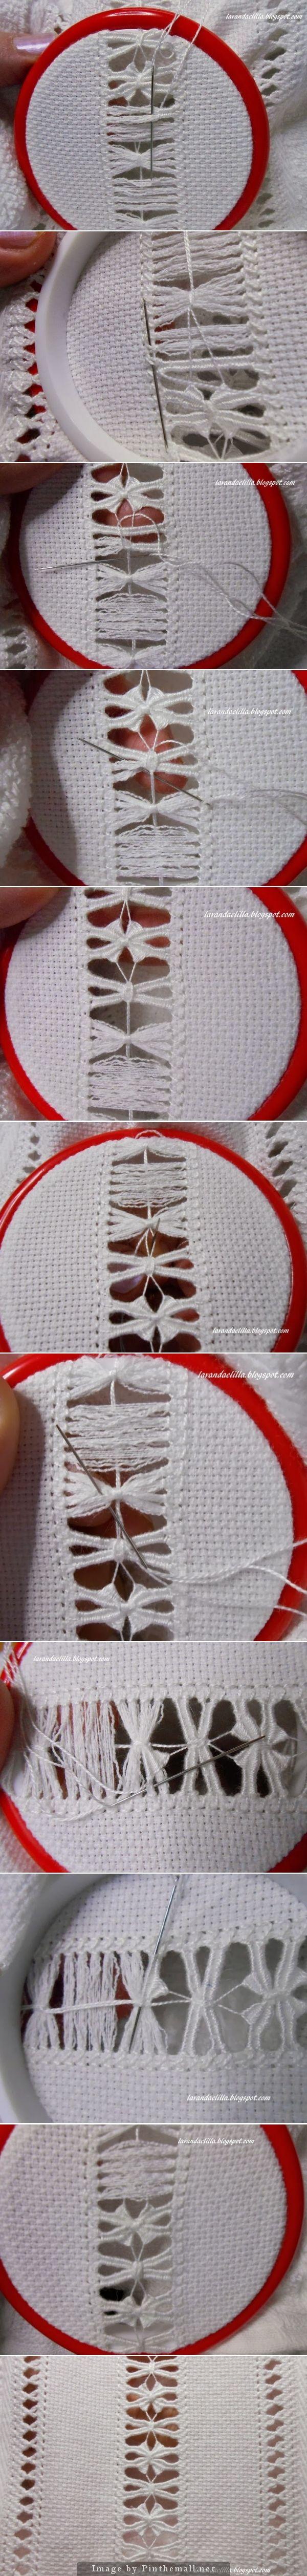 Tutorial: Insert, part B ~~ http://lavandaelilla.blogspot.com.ar/2014/01/tutorial-sfilato-su-asciugamano-con.html